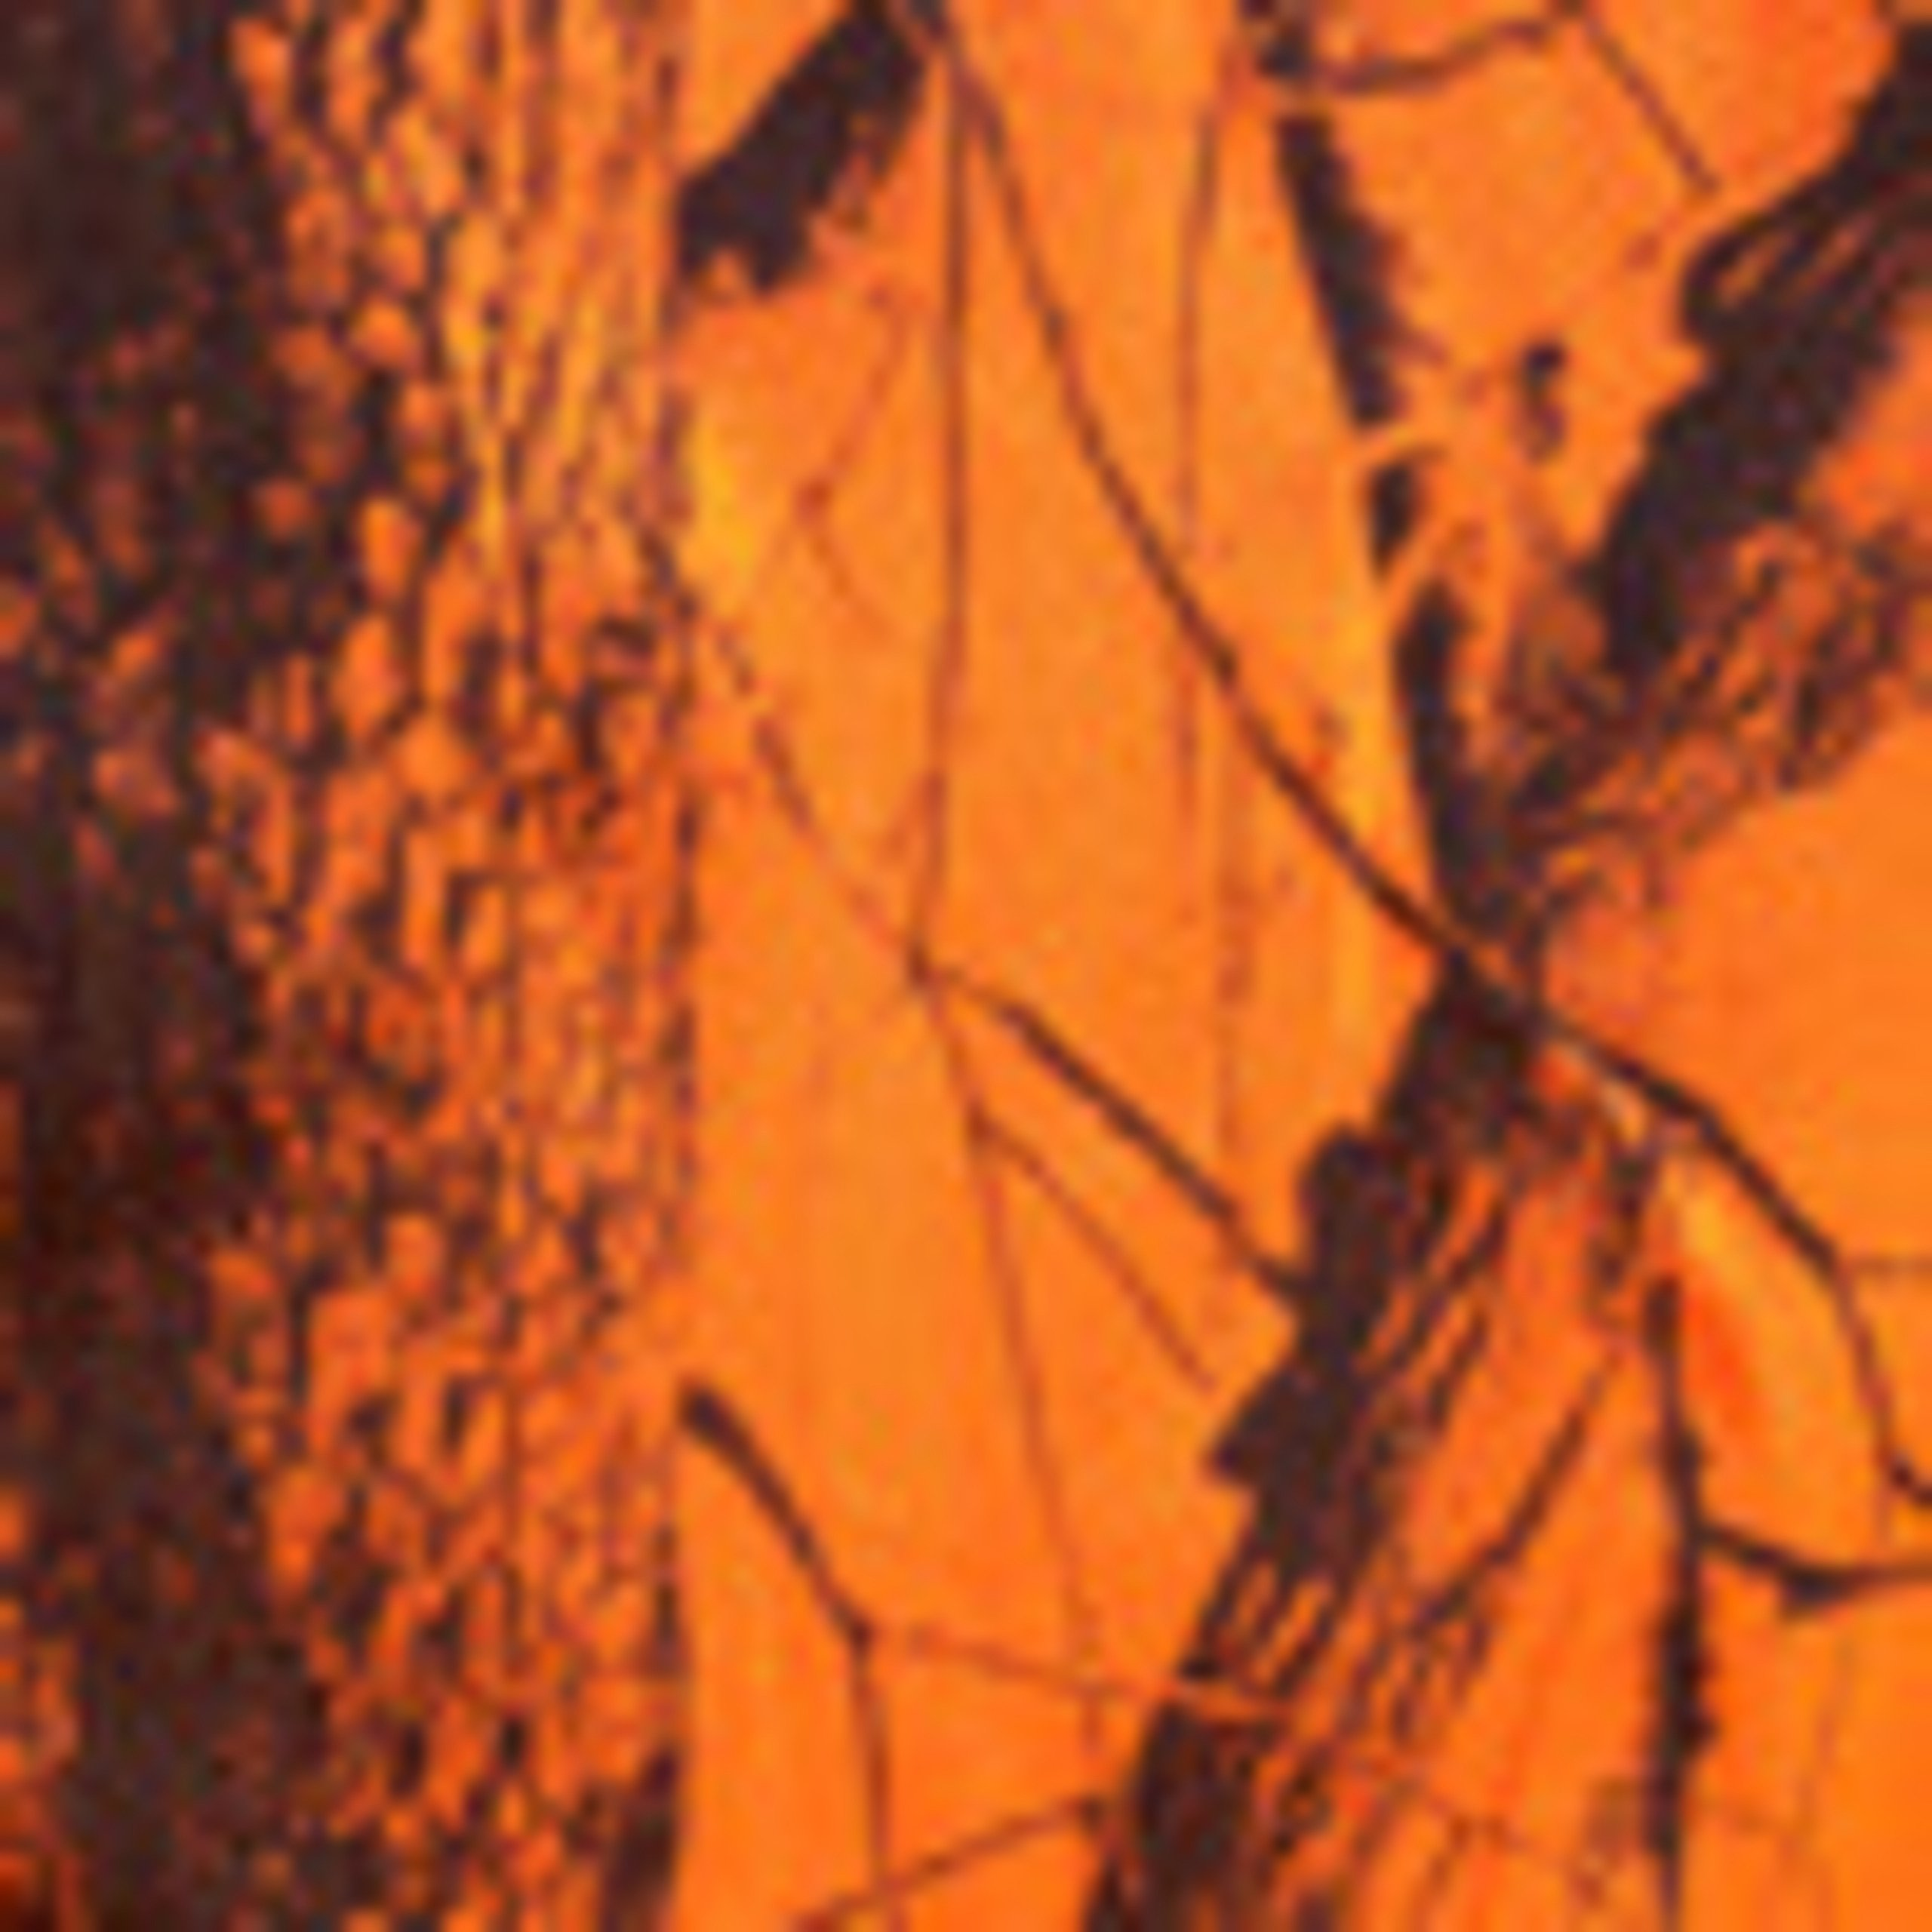 Realtree edge orange camouflage